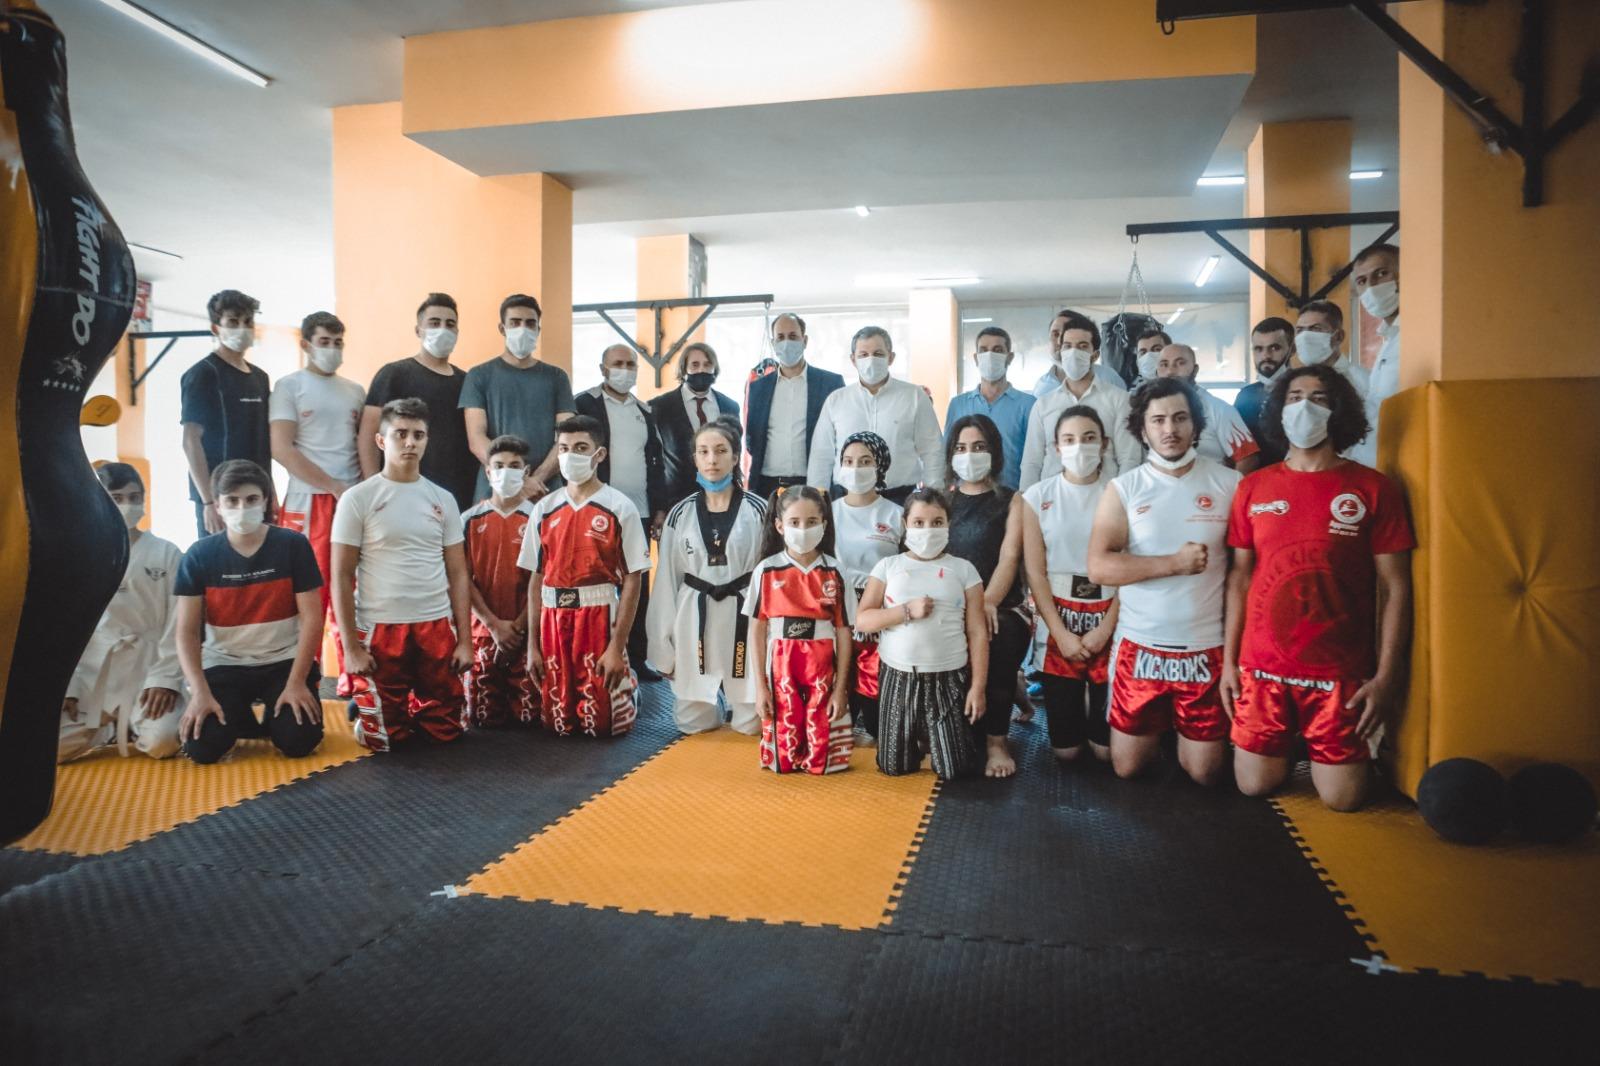 Osmaniye Kadıoğlu Spor Kulübü Açılış